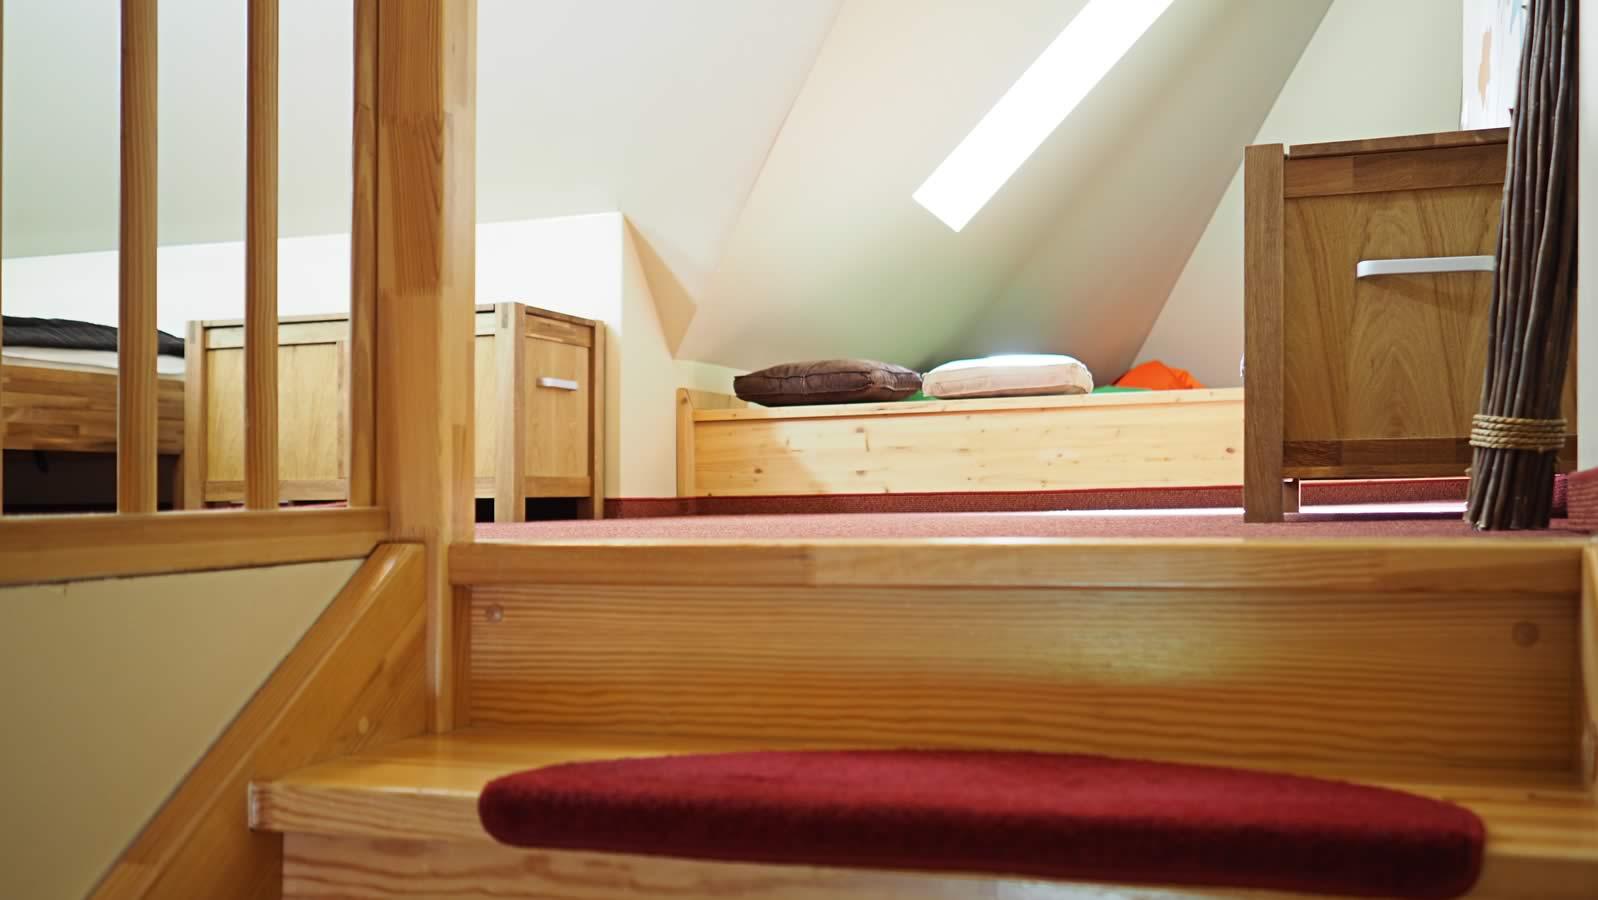 Wohn-/Svhlafraum mit 2 Einzelbetten